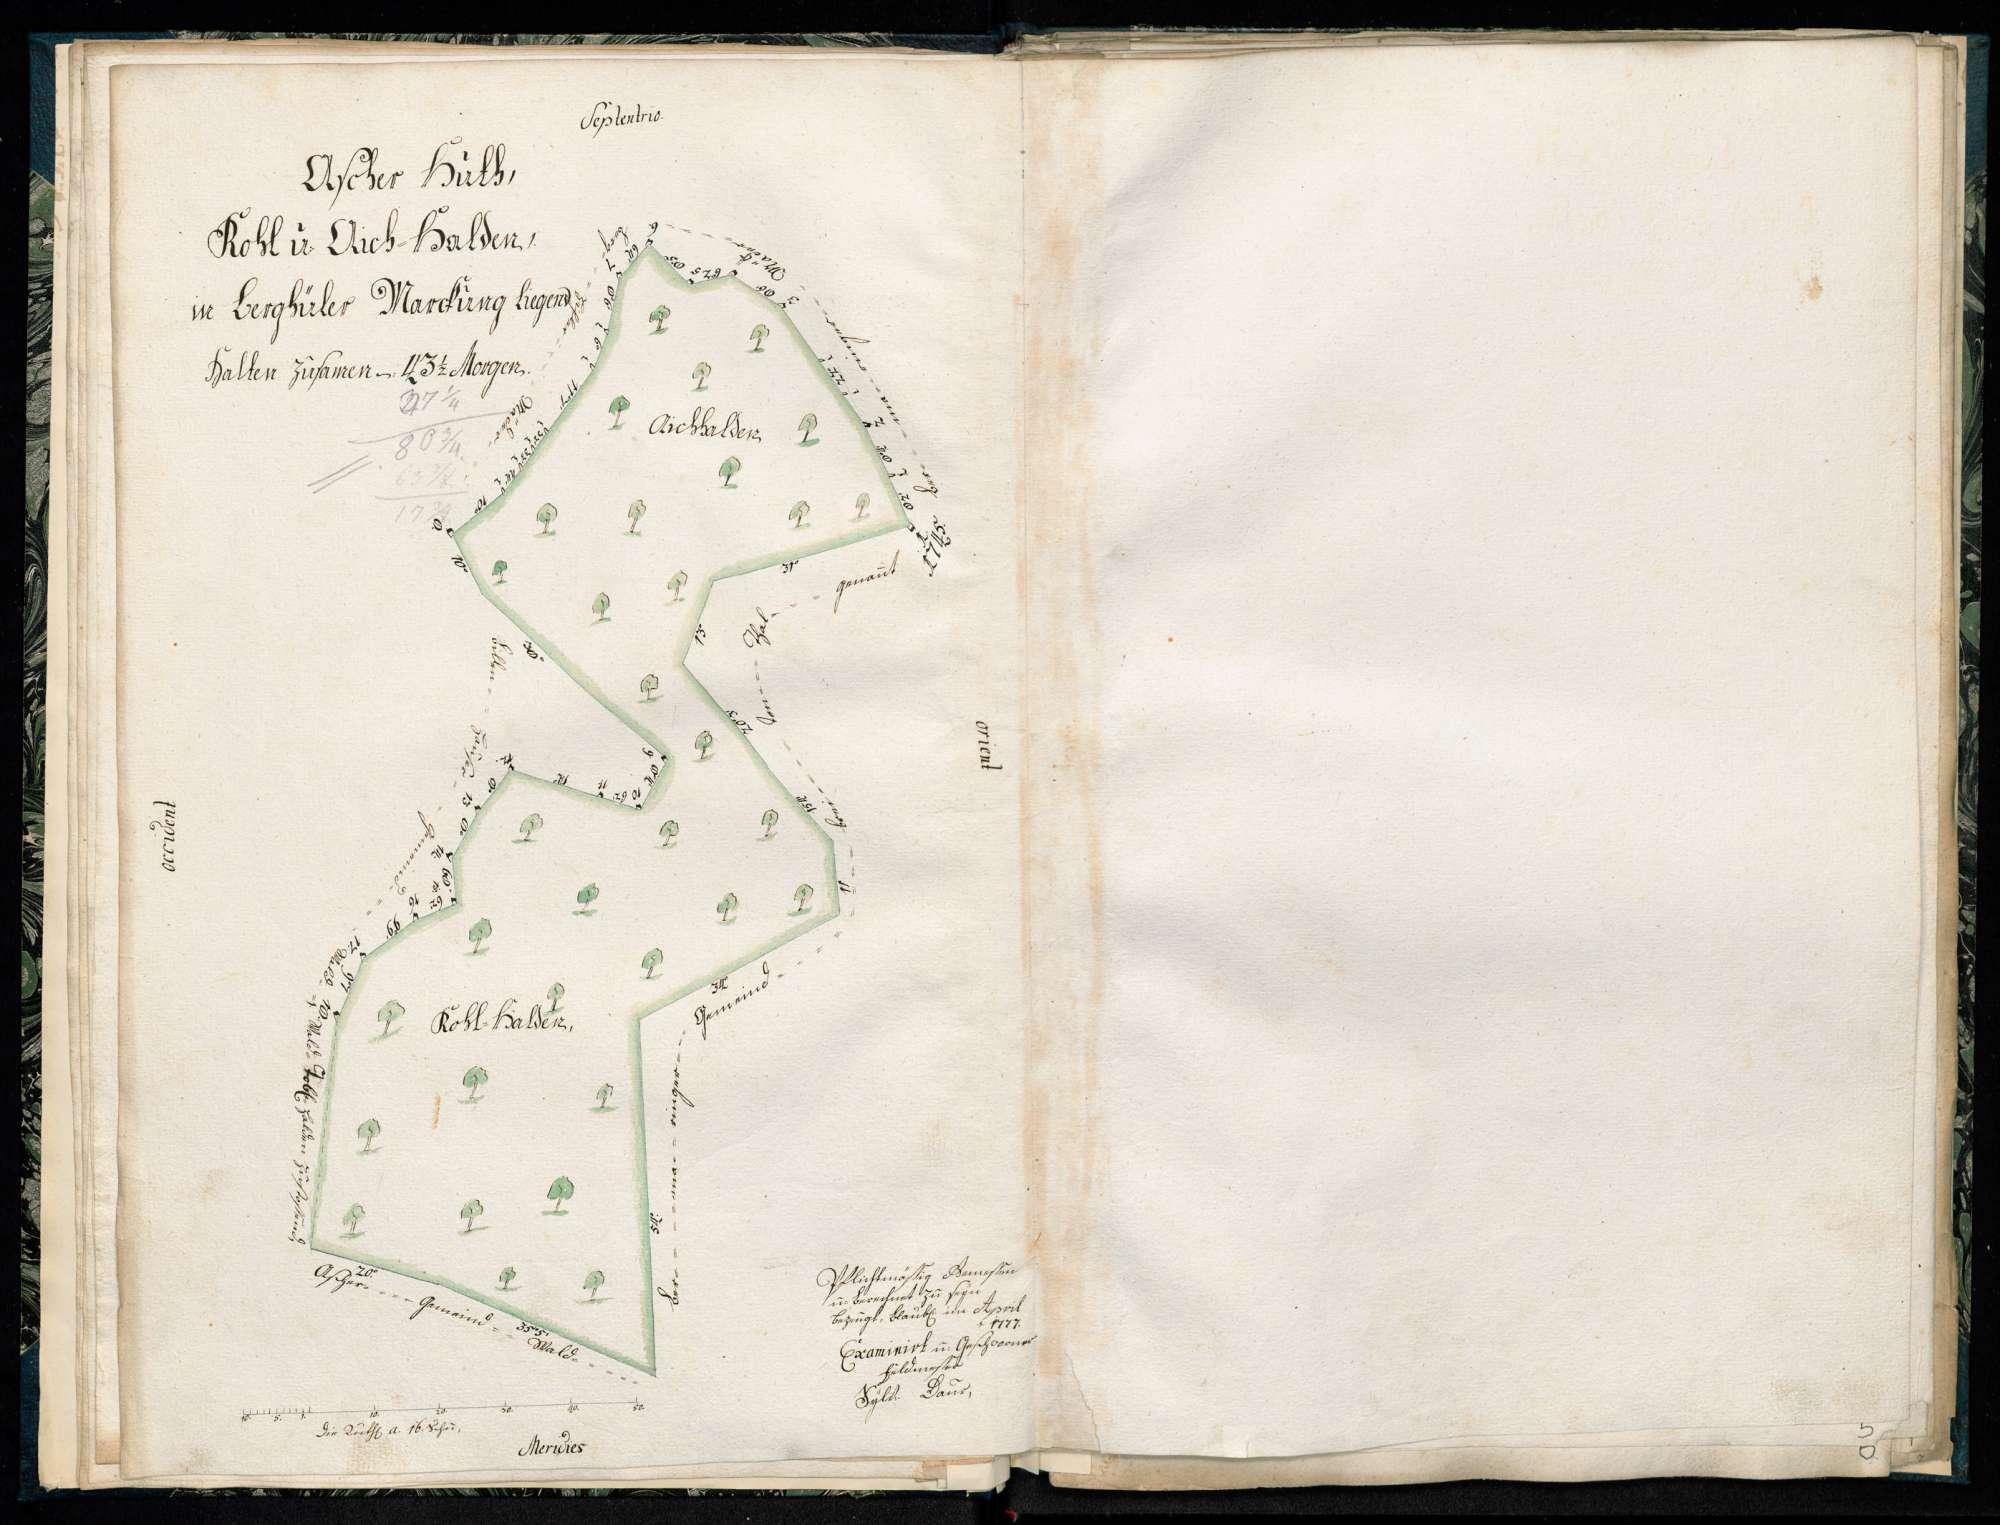 """""""Ascher Hut, Dobel Halden, in Berghüler Markung liegend"""", Bild 1"""